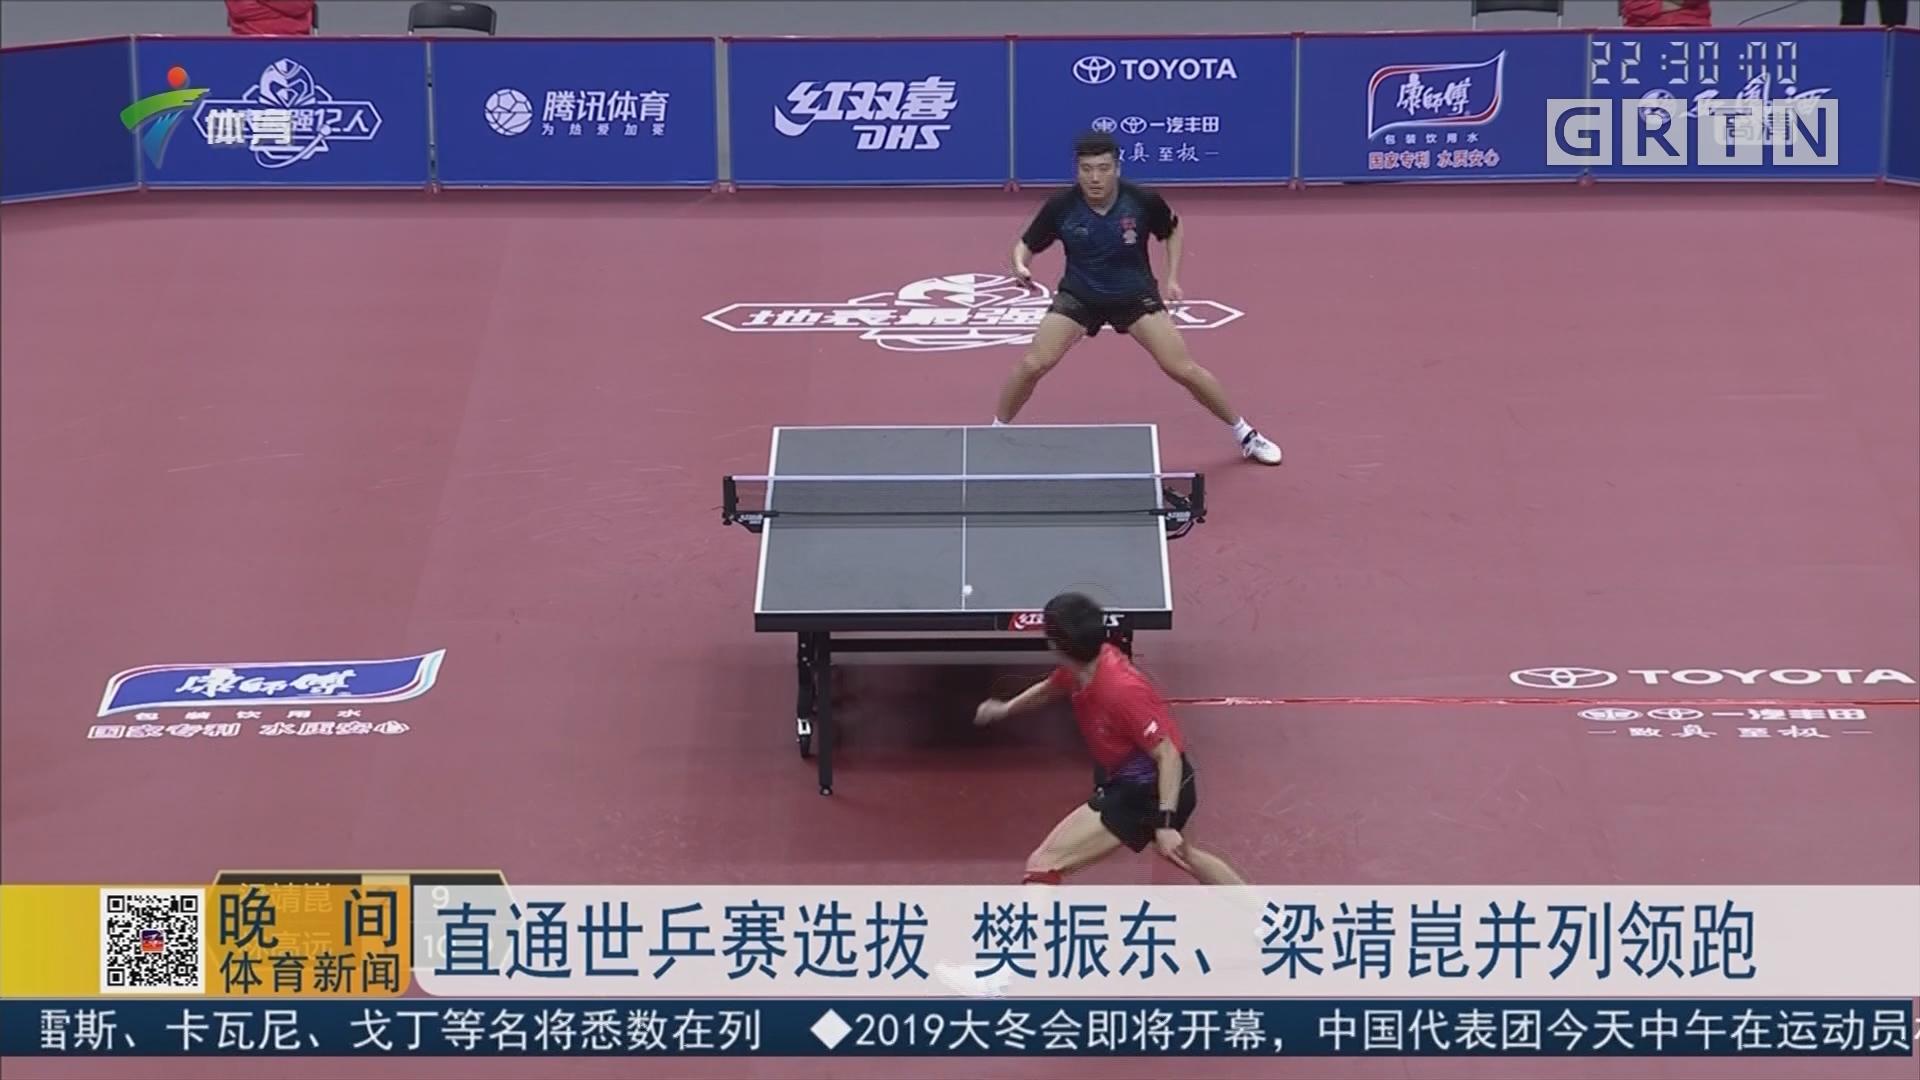 直通世乒赛选拔 樊振东、梁靖崑并列领跑